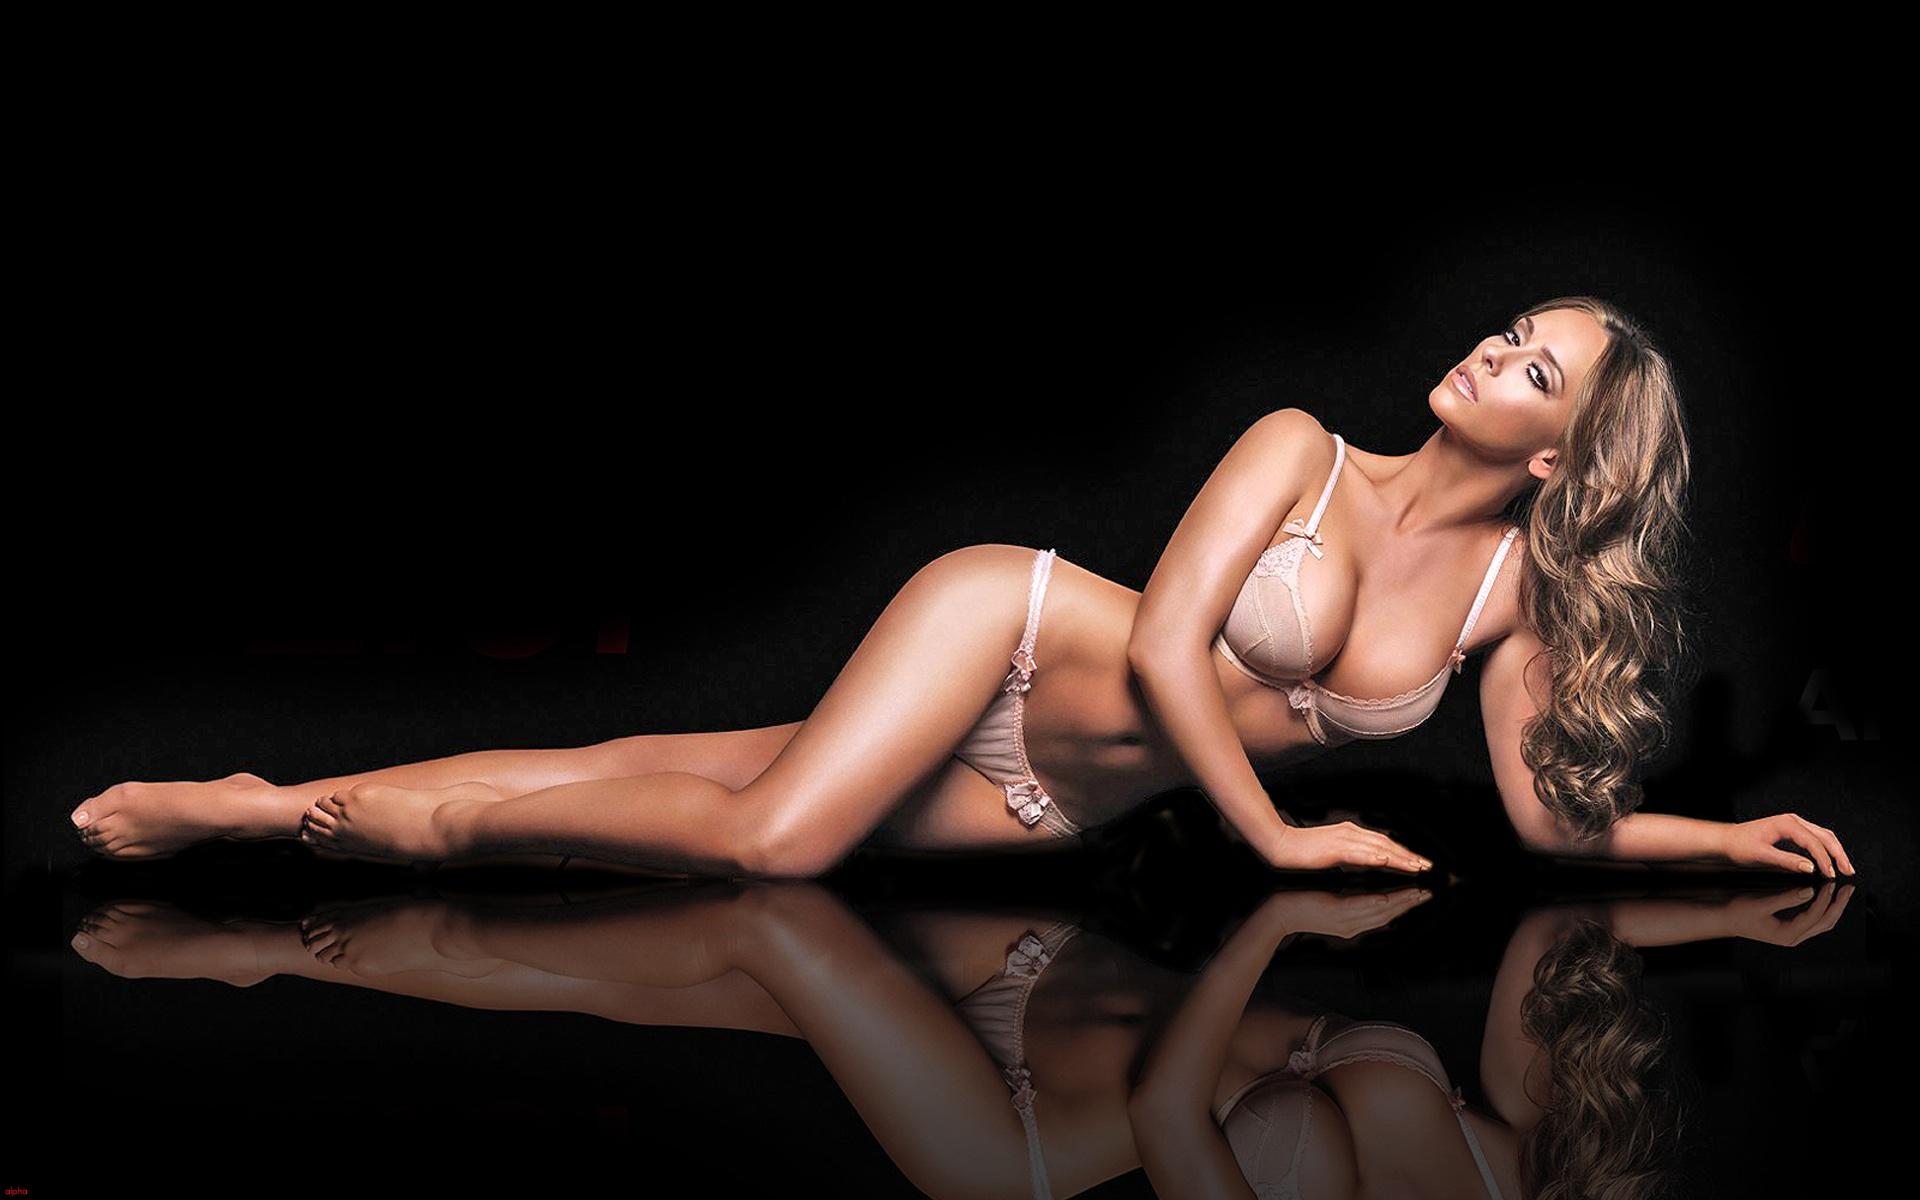 Sexy Jennifer Love Hewitt Videos 82